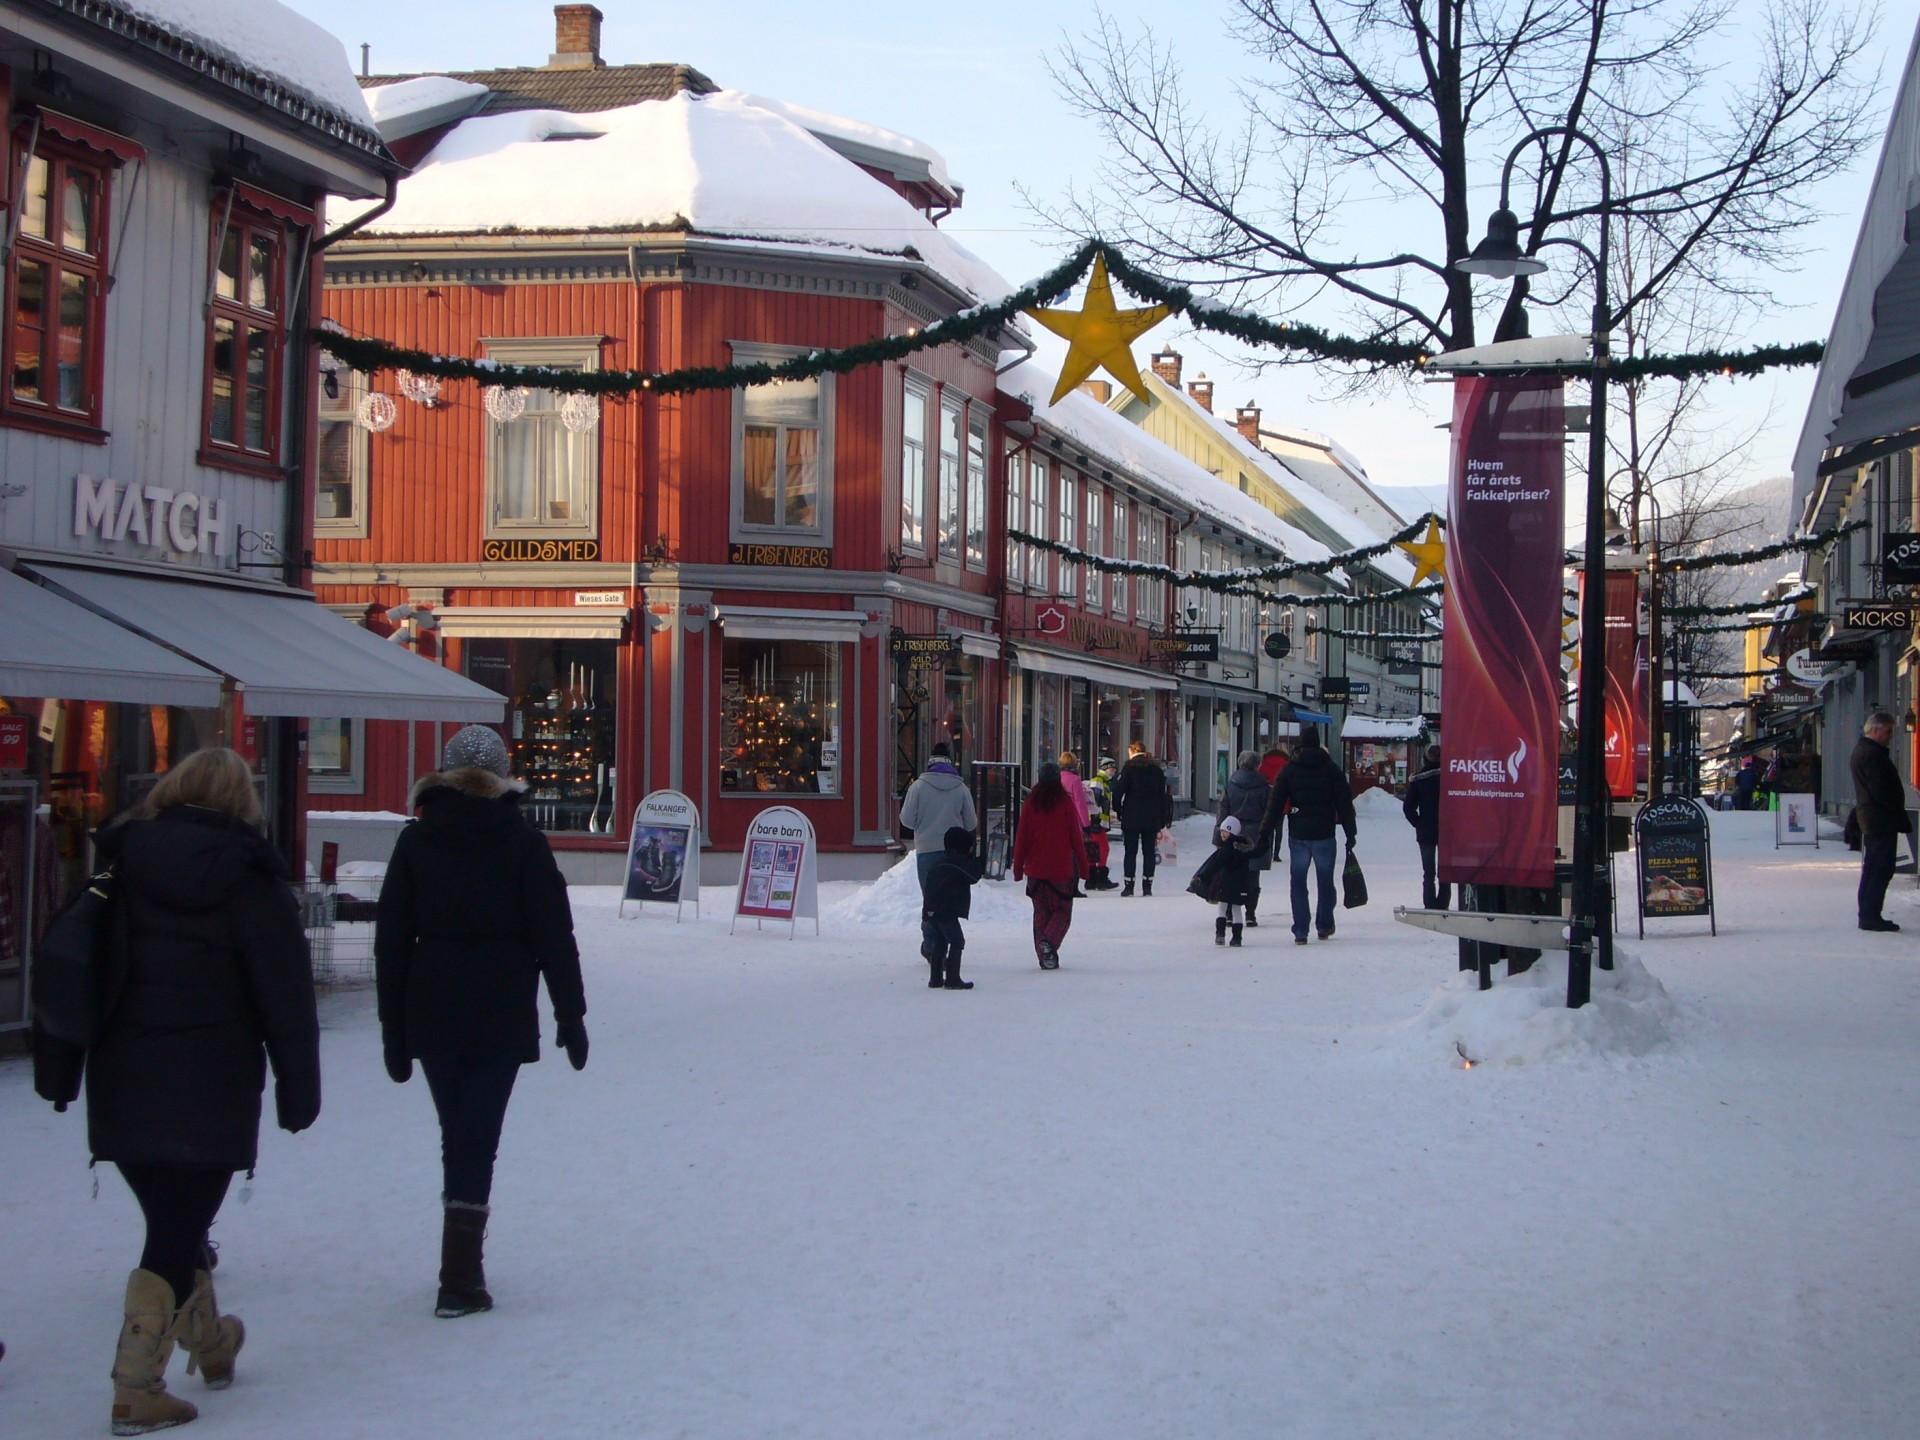 hoofdstraat in Lillehammer noorwegen, waar de Global Shining Light Awards werden toegekend